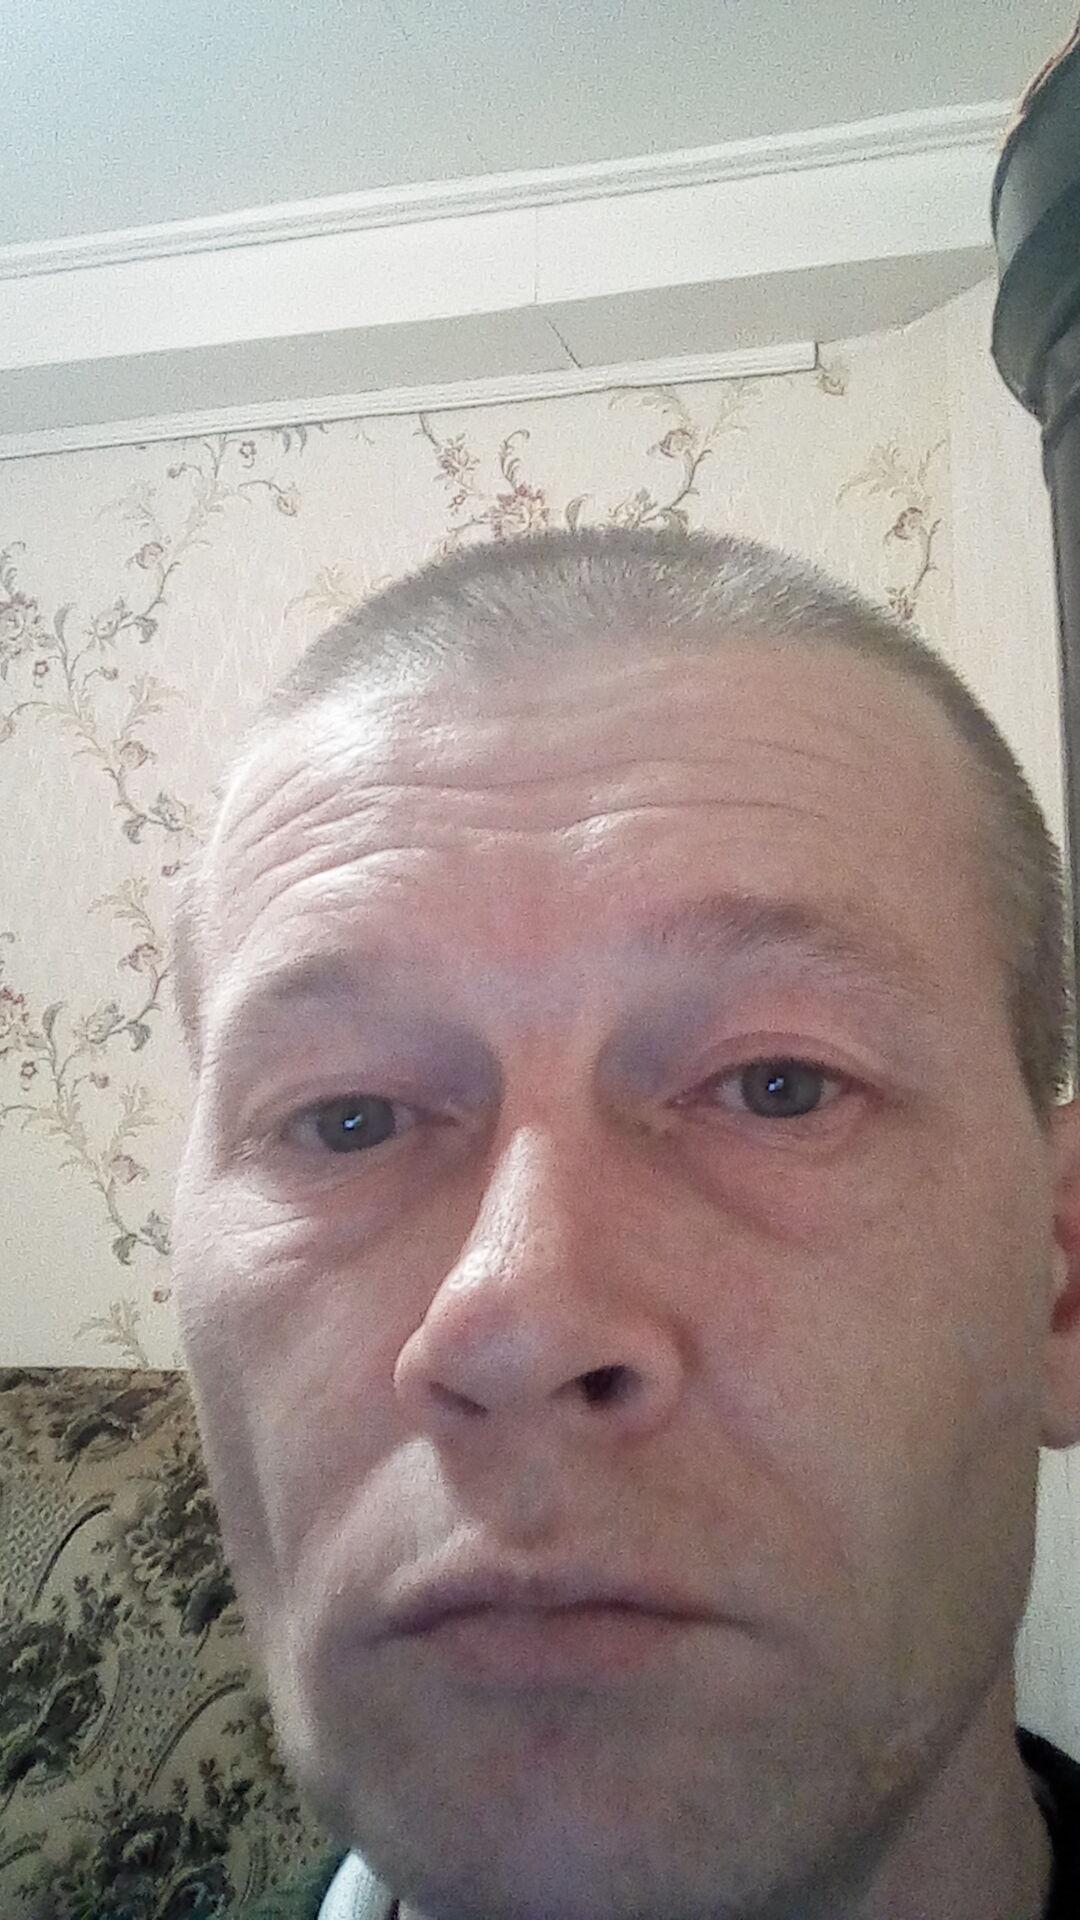 Знакомства Великий Новгород, фото мужчины Андрей, 43 года, познакомится для любви и романтики, cерьезных отношений, переписки